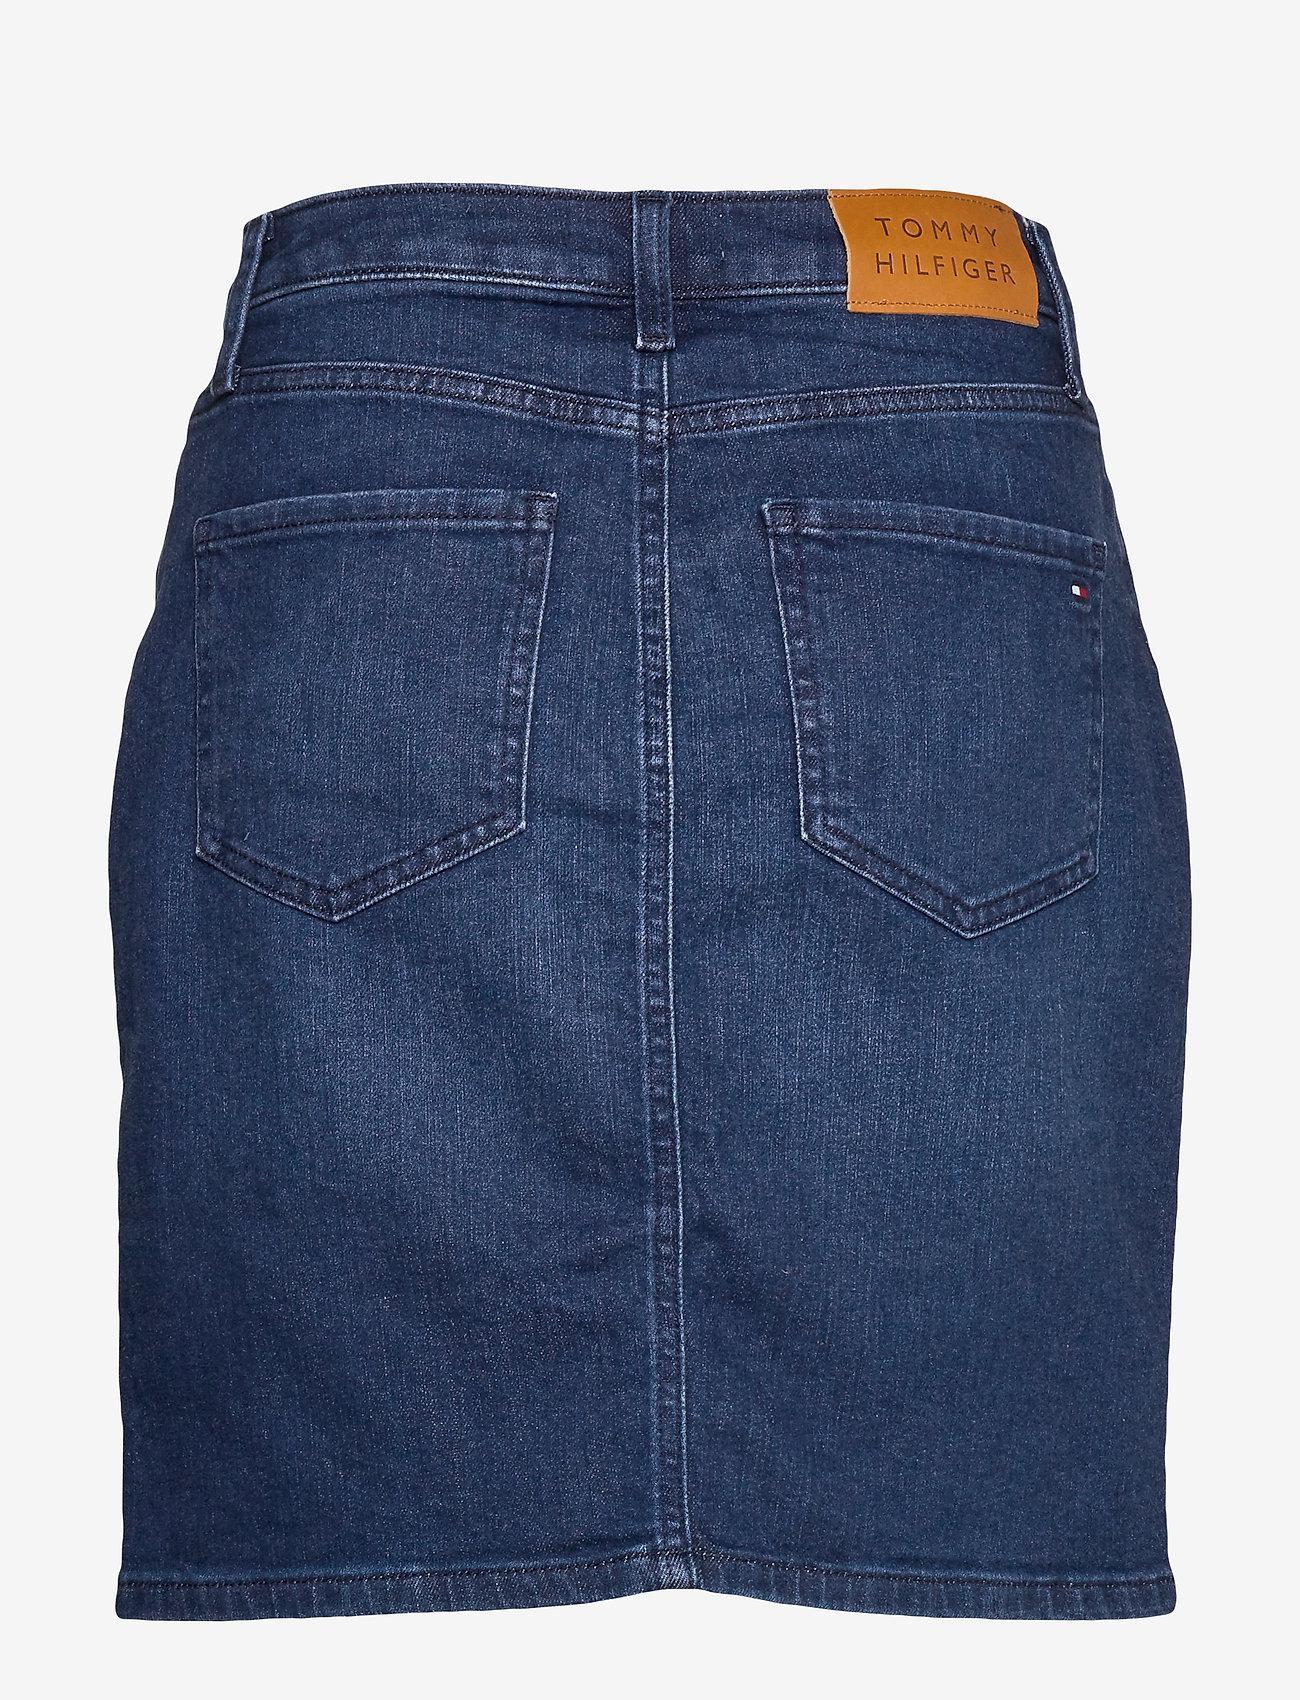 Tommy Hilfiger - ROME STRAIGHT HW SKIRT EVI - jupes en jeans - evi - 1